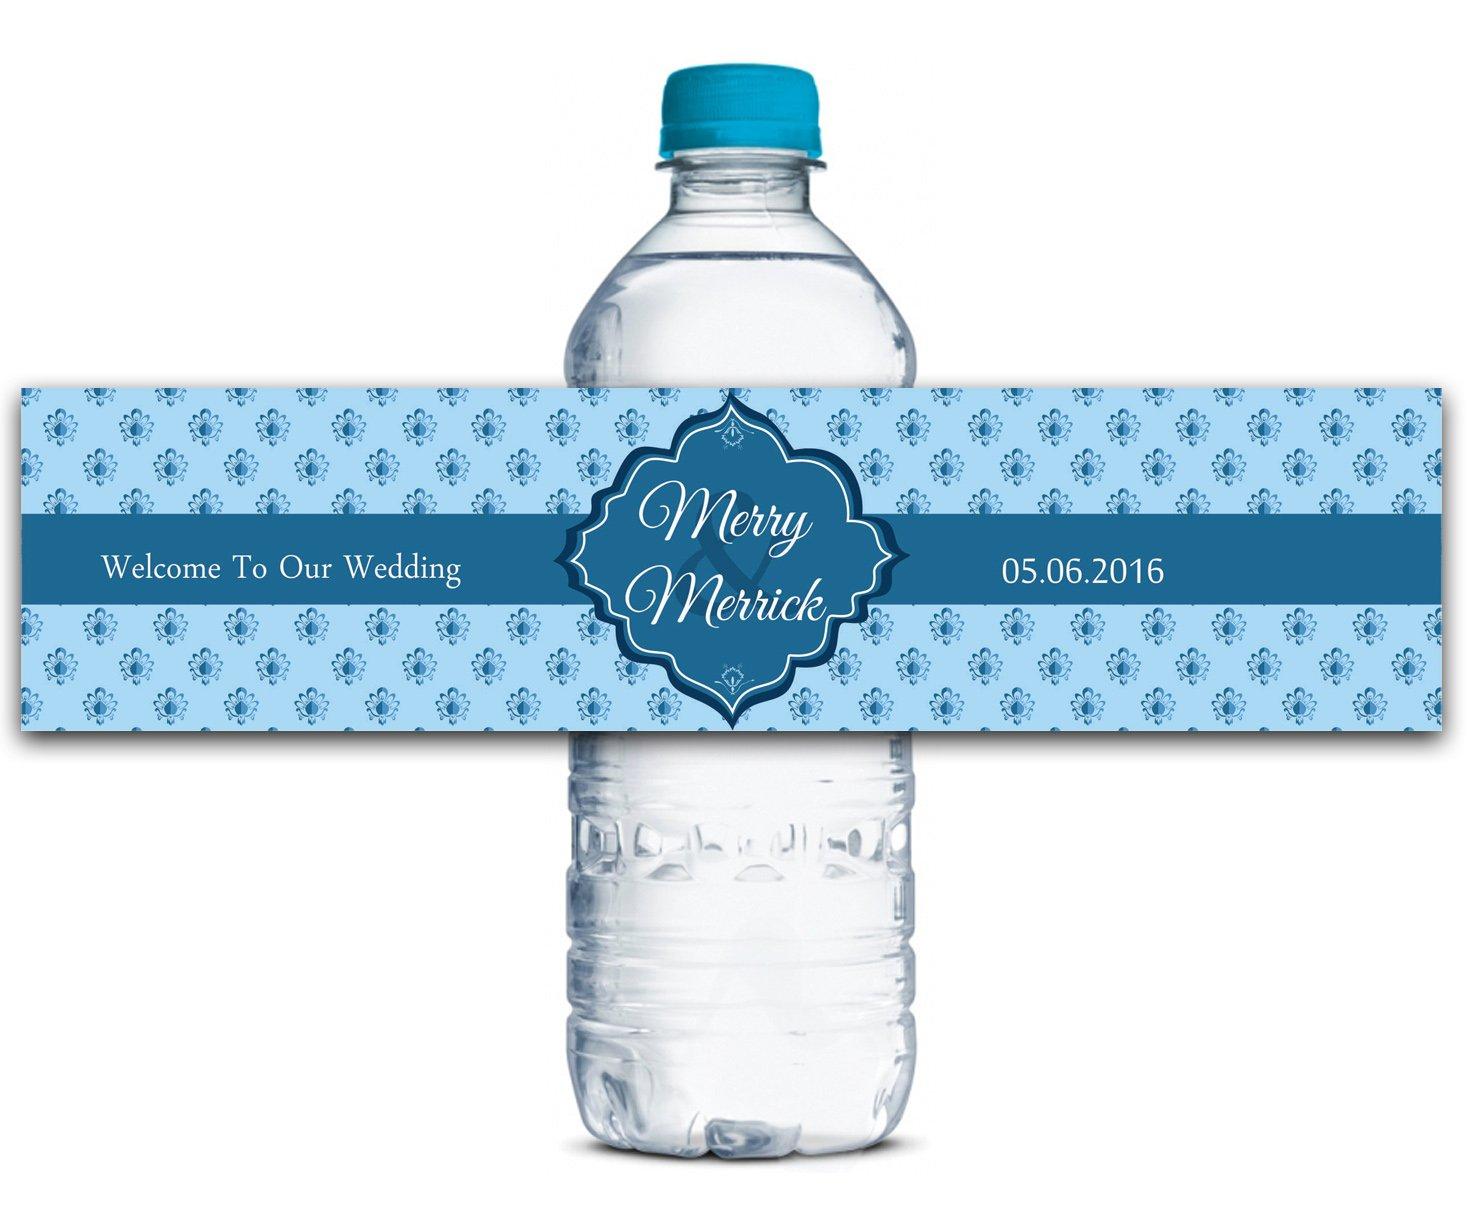 Personalisierte Wasserflasche Etiketten Selbstklebende wasserdichte Kundenspezifische Hochzeits-Aufkleber 8 8 8  x 2  Zoll - 70 Etiketten B01A0W229Y | Qualität zuerst  621abd